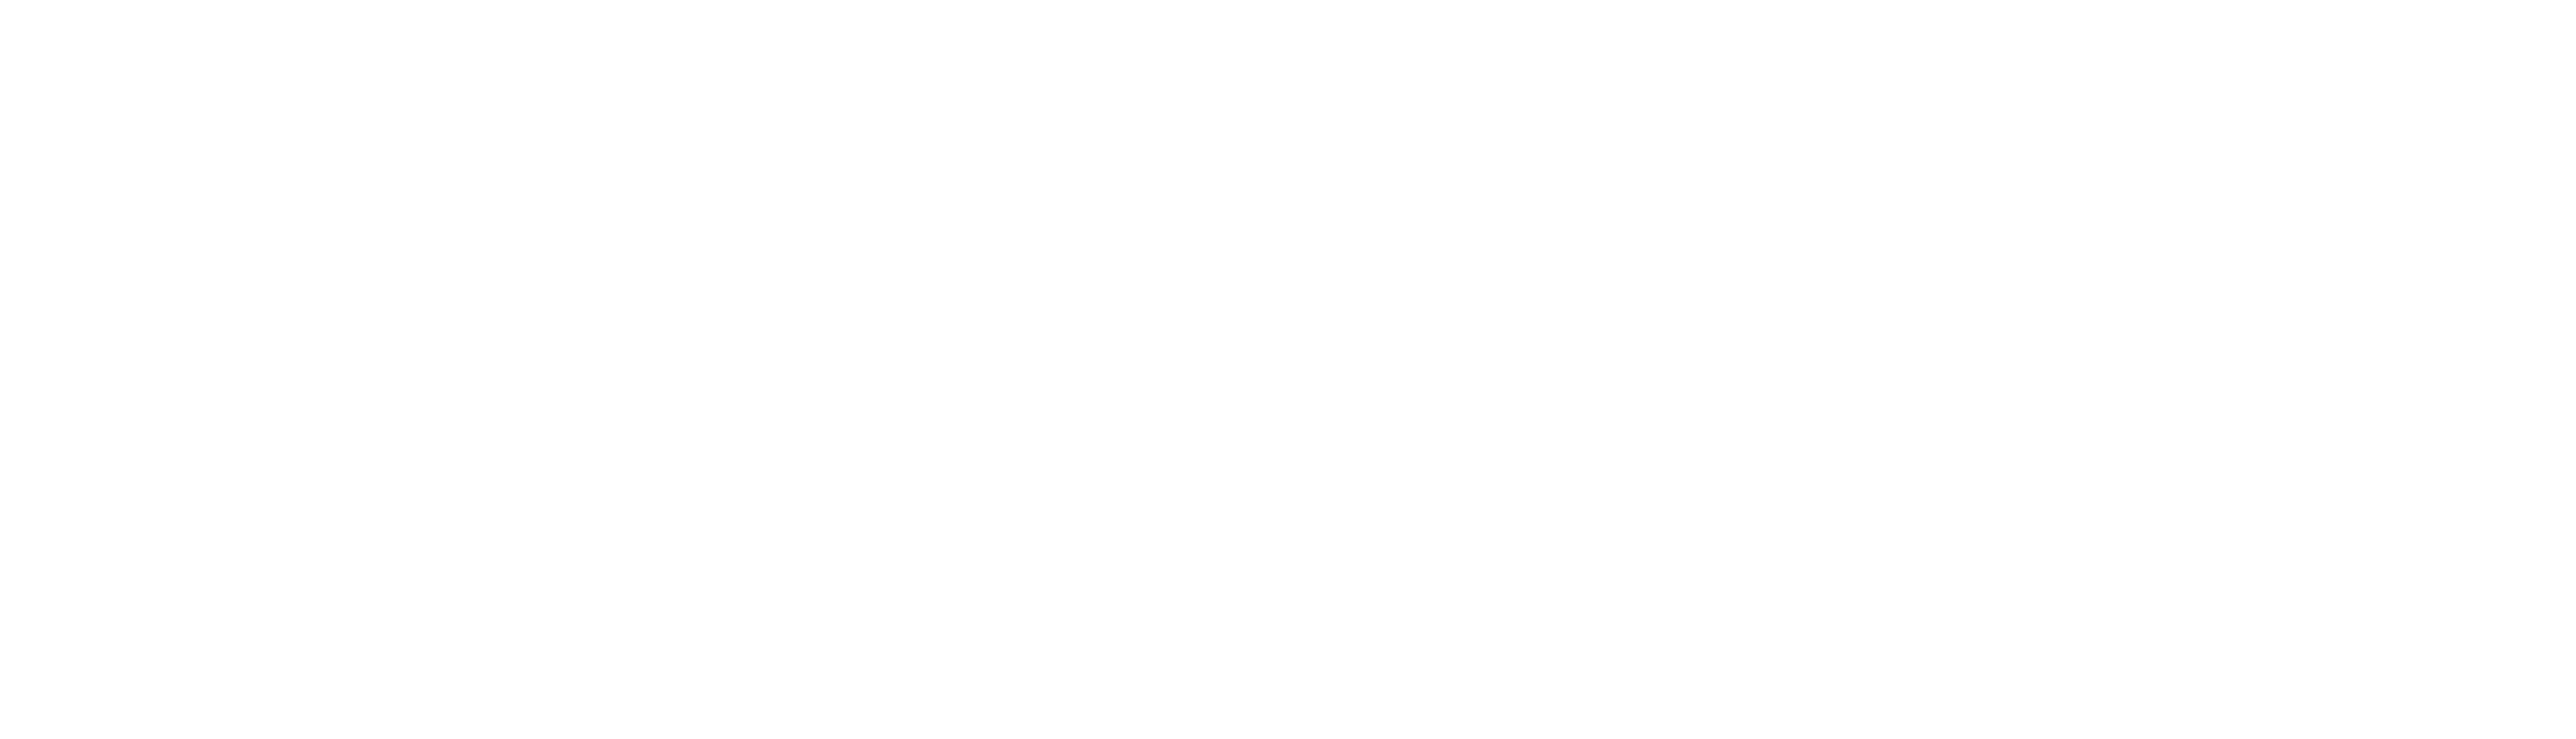 Samfunnsløftet Sparebank1 Nord-Norge